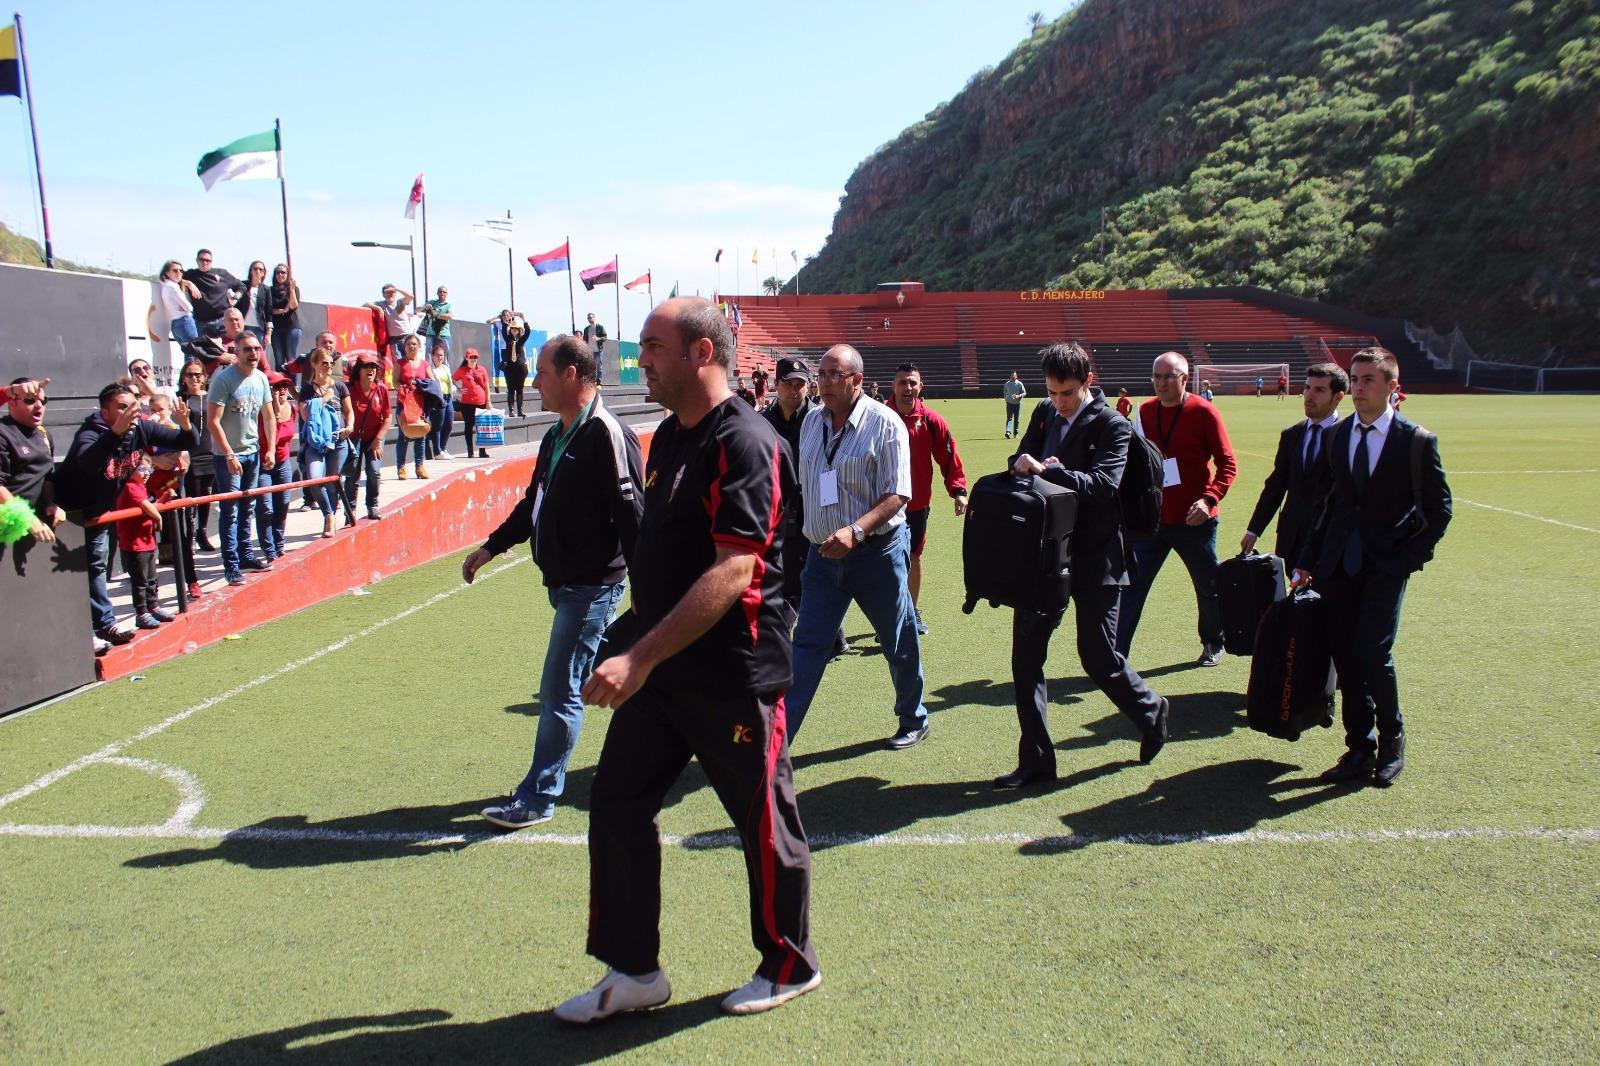 Los directivos del club palmero escoltan al trío arbitral a la salida del Silvestre Carrillo/JOSÉ AYUT